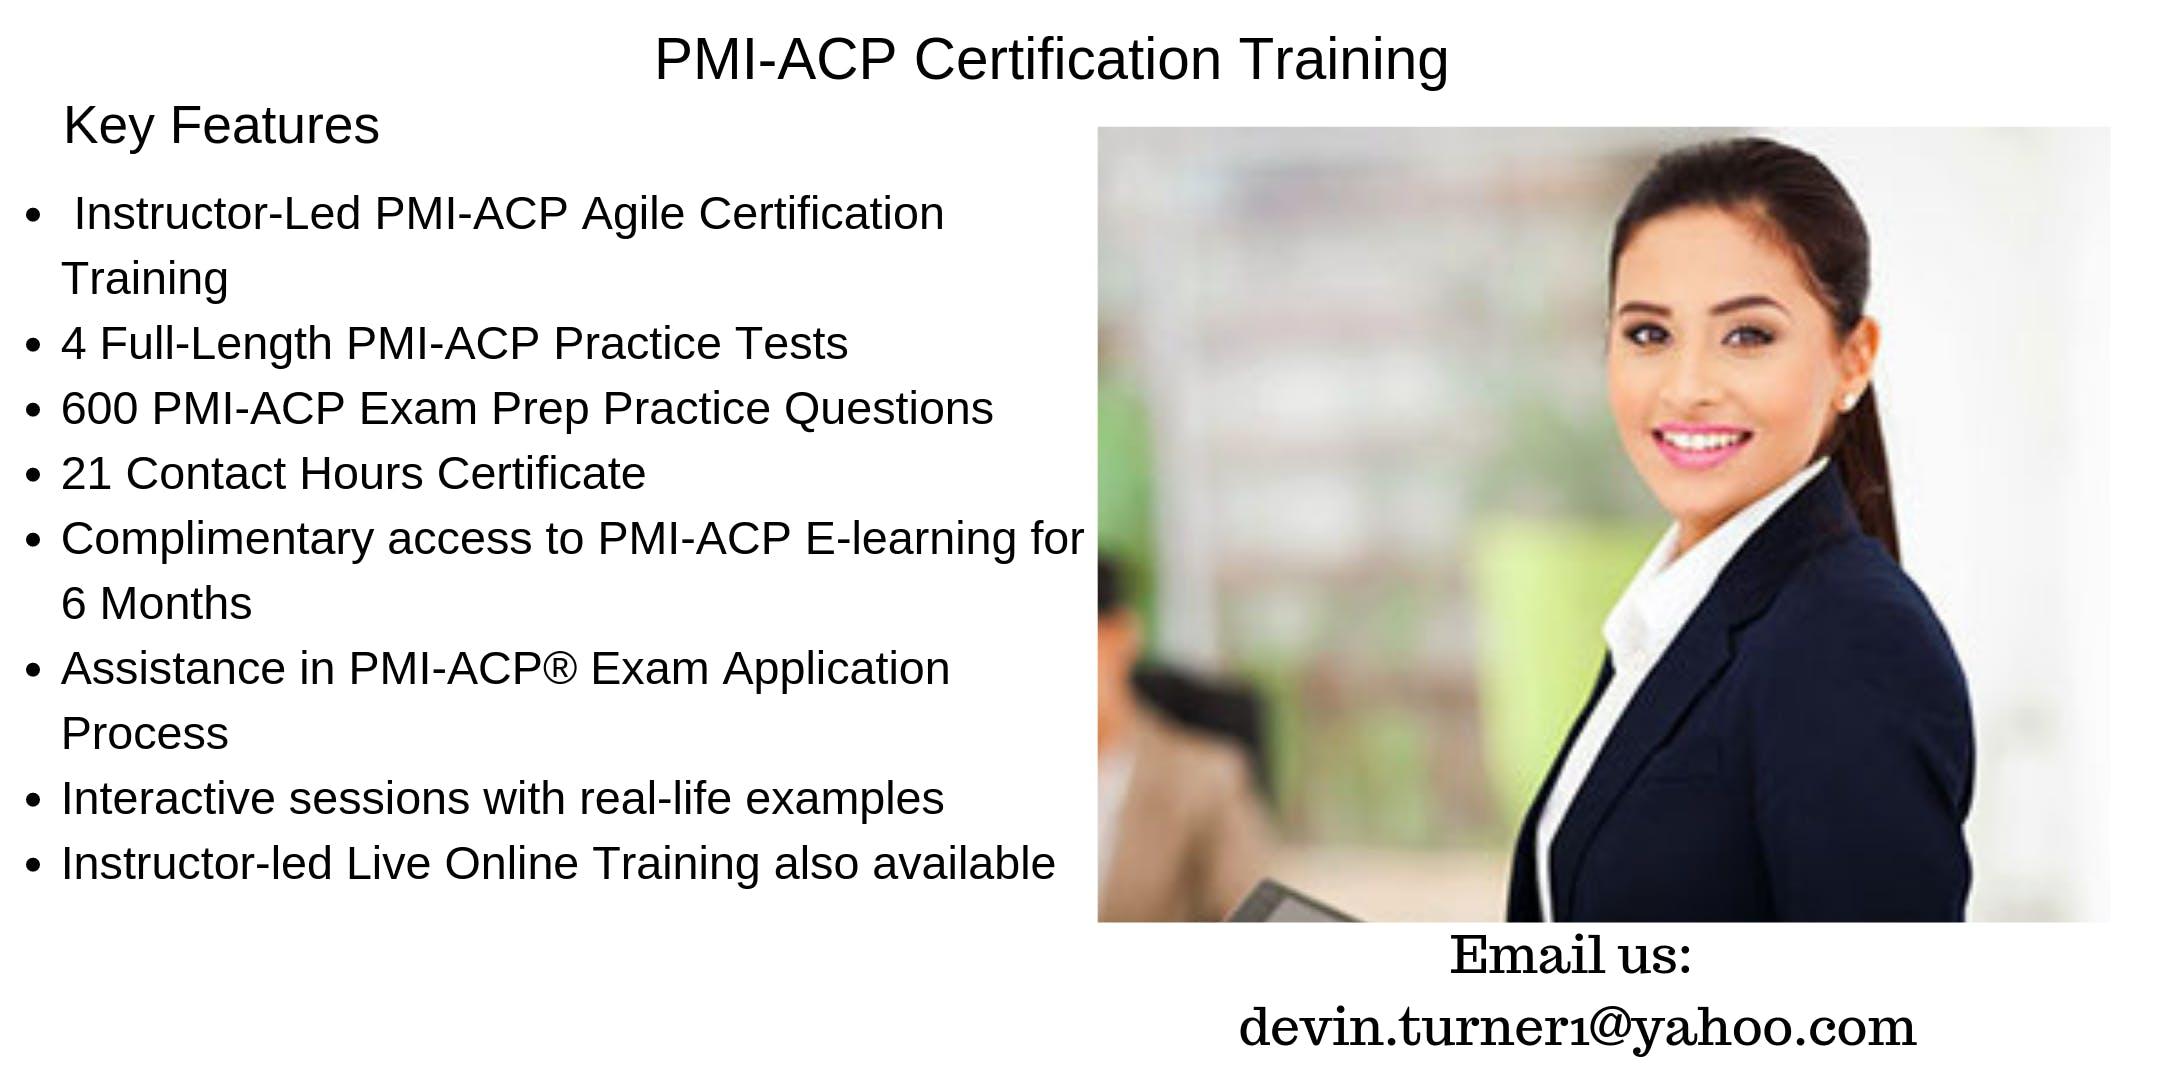 PMI-ACP Certification Training in Victoria, BC